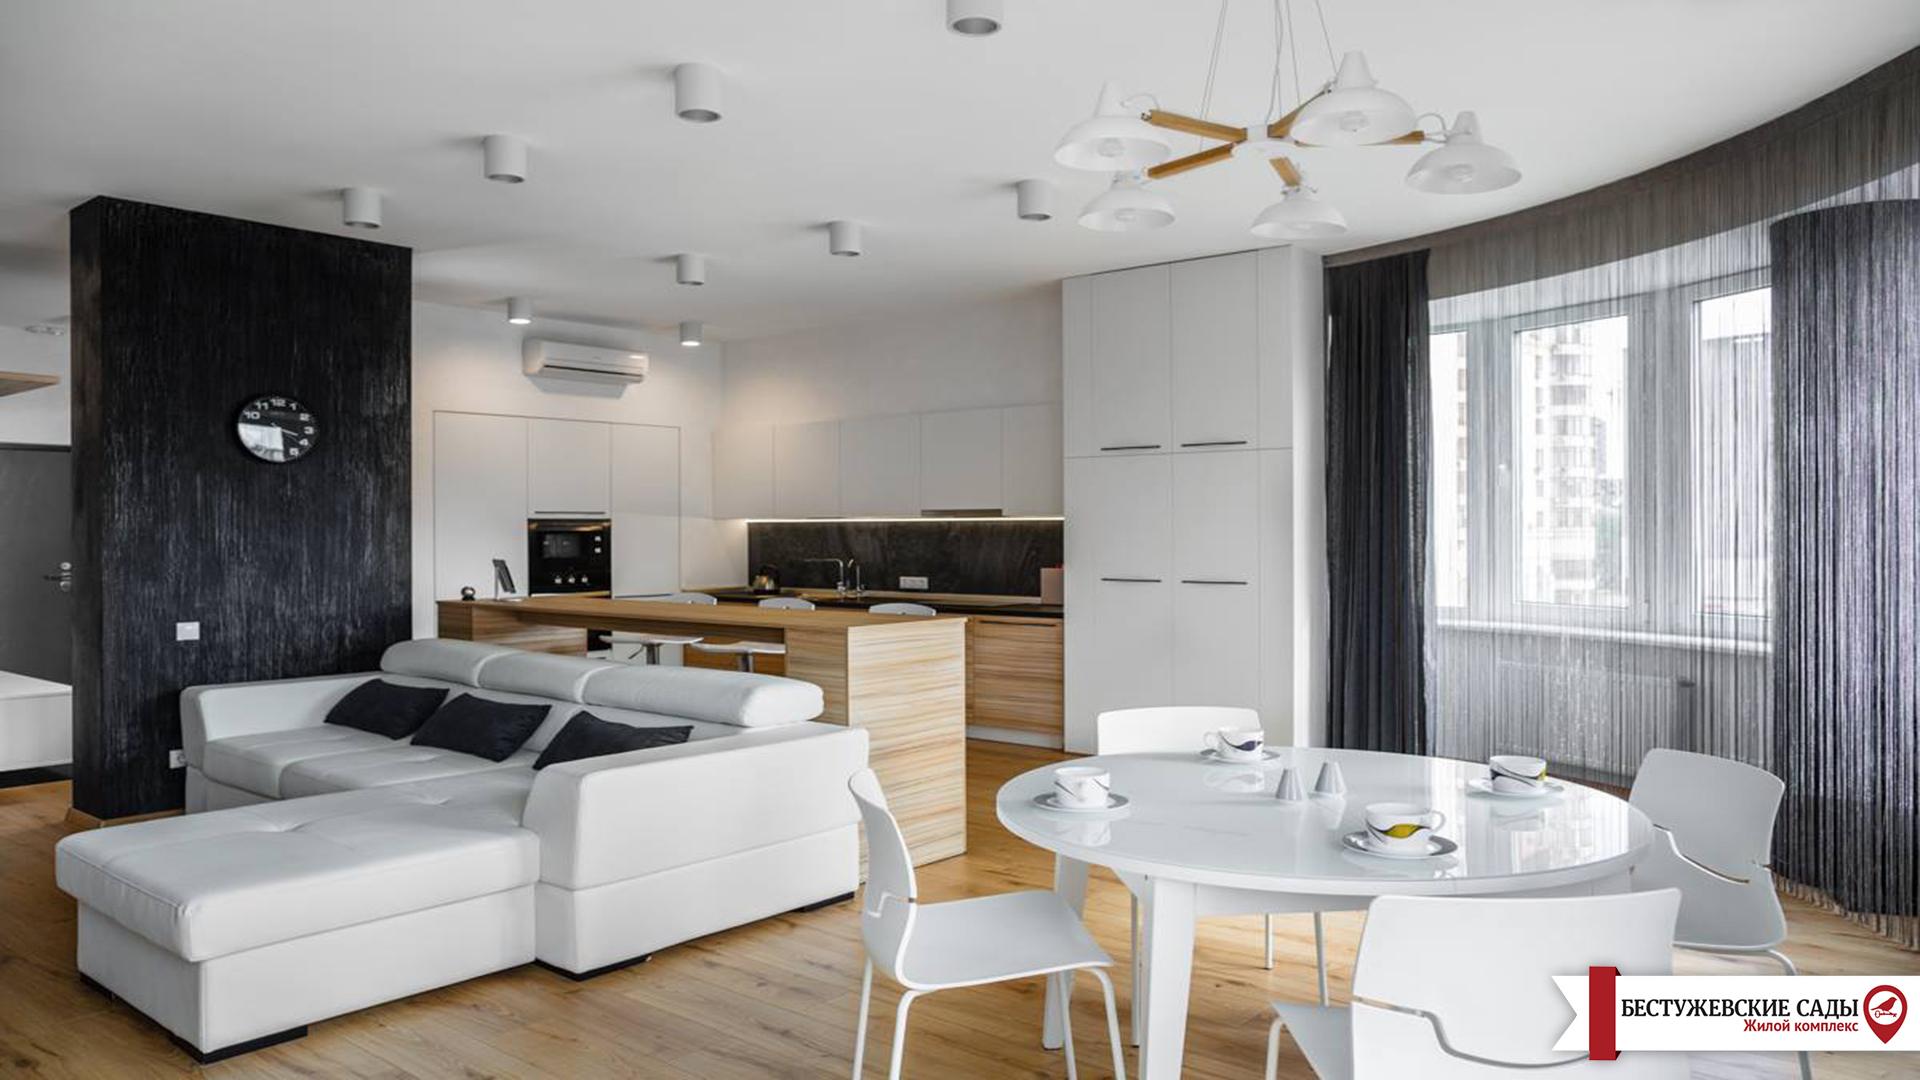 Почему квартиры - студии пользуются популярностью у тысячей покупателей